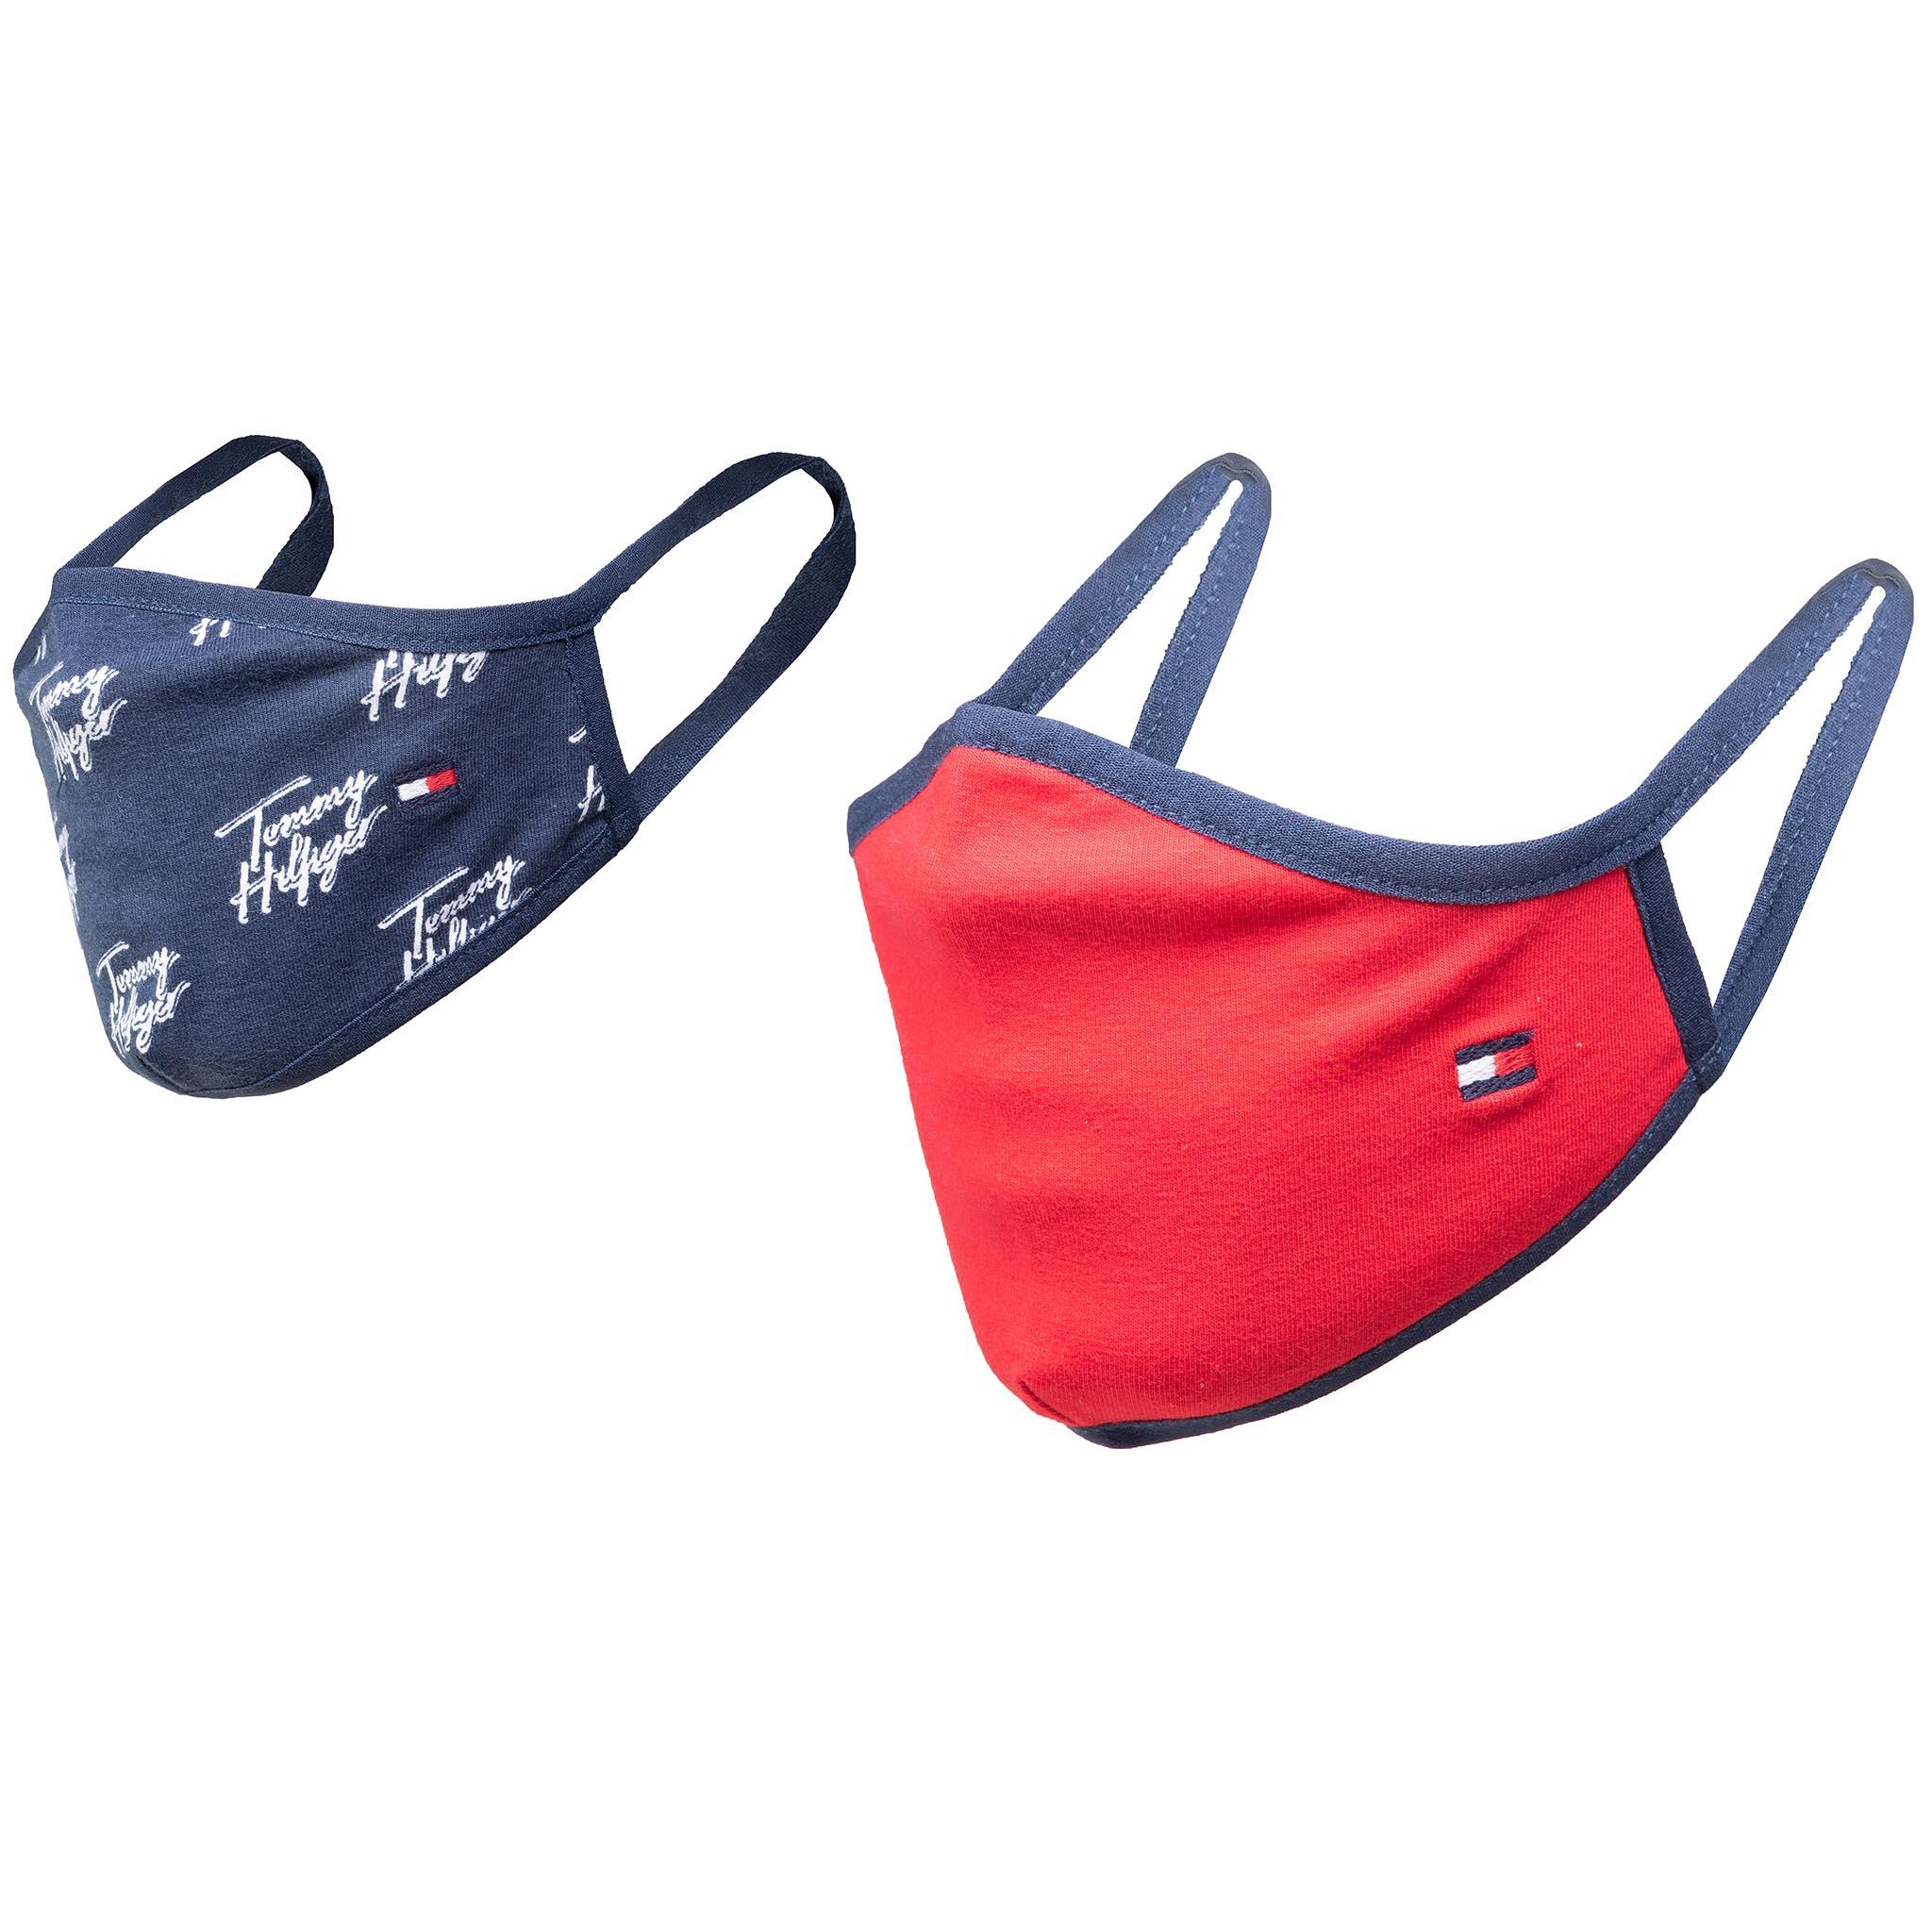 Image of 2er-Set Stoffmasken für Kinder TOMMY HILFIGER - Kids Face Covers 2-Pack AU0AU01188 0GY